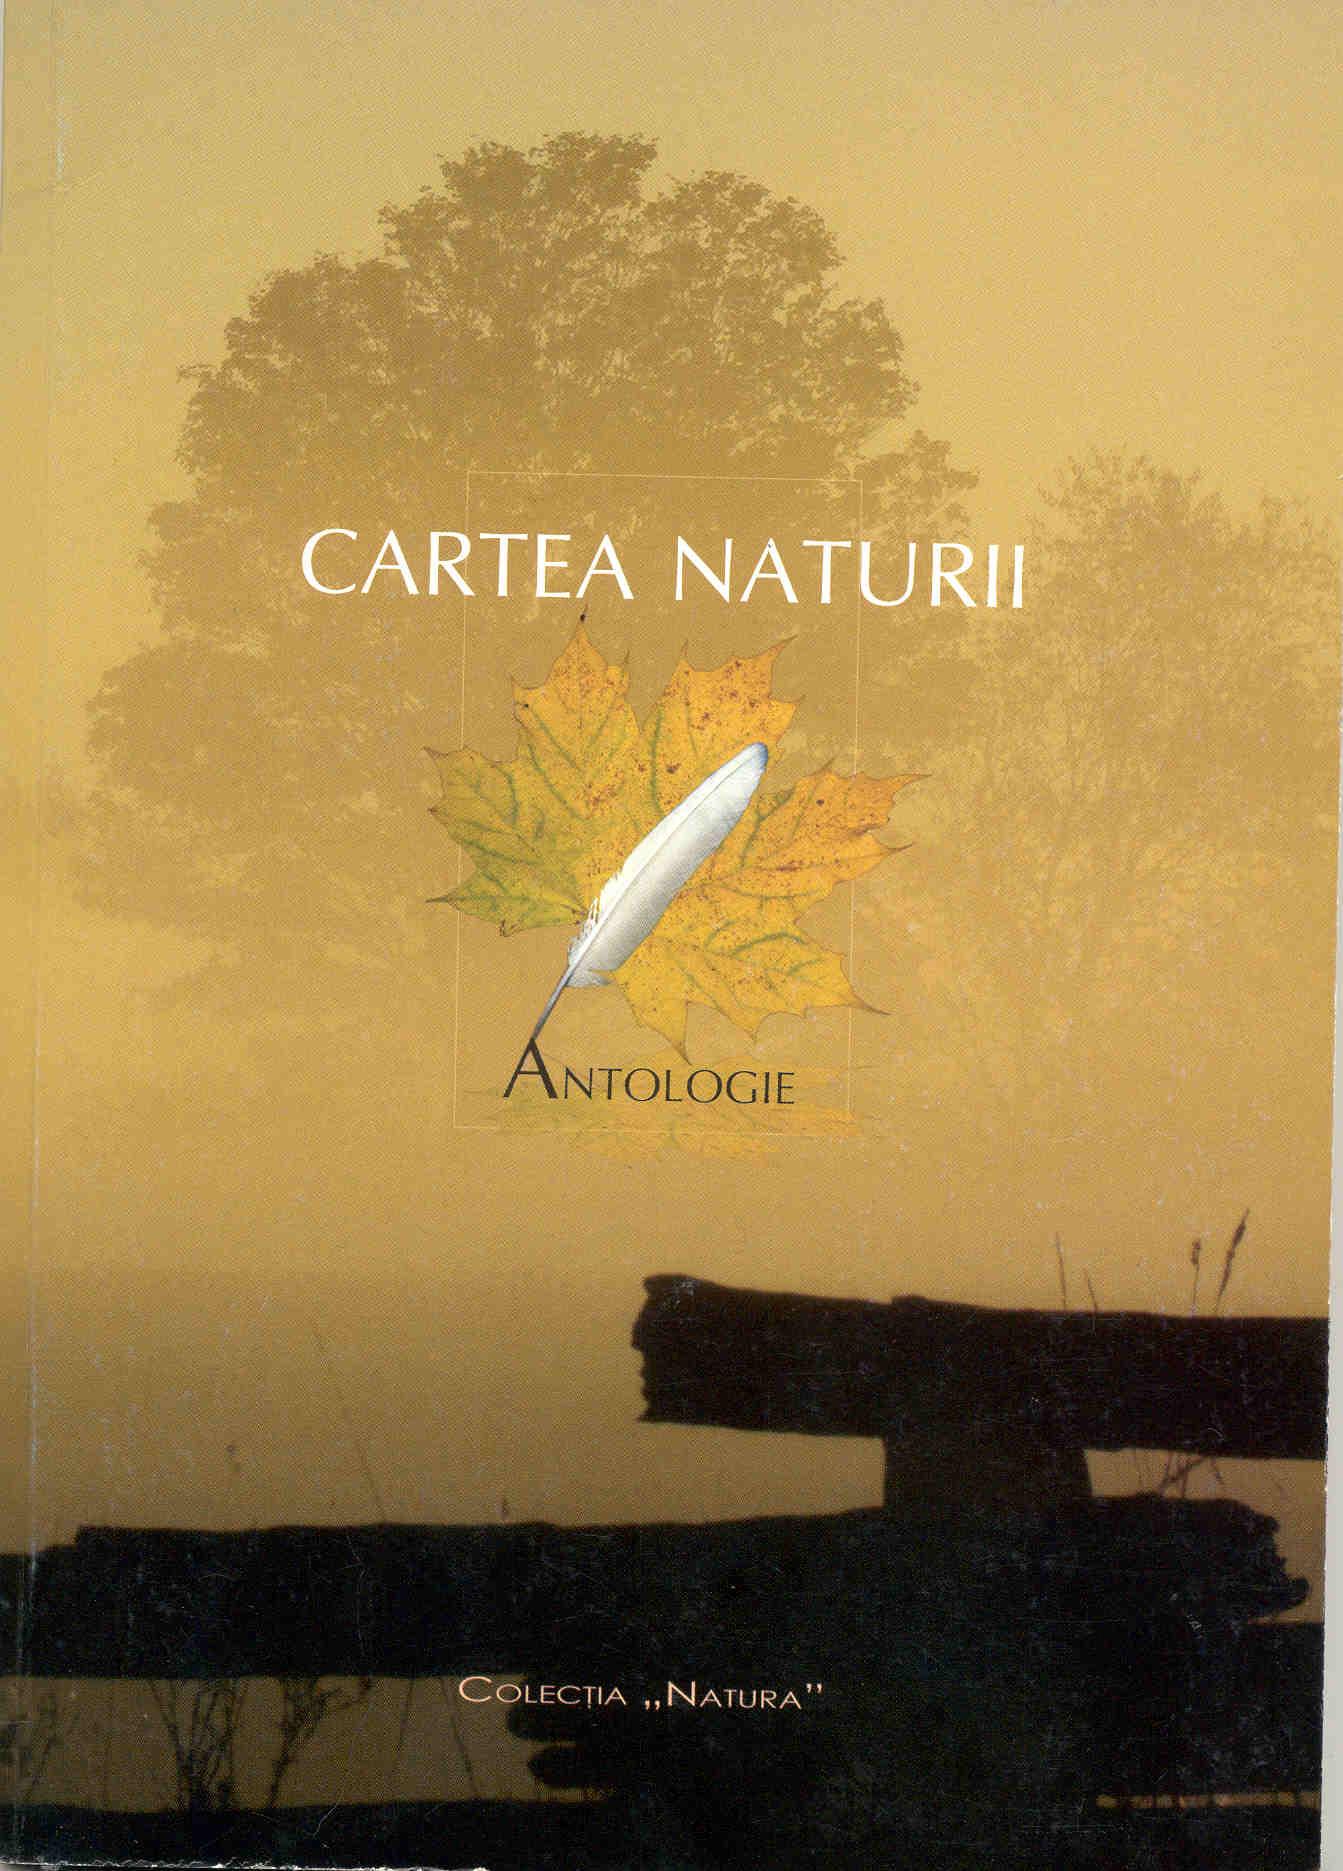 Cartea naturii